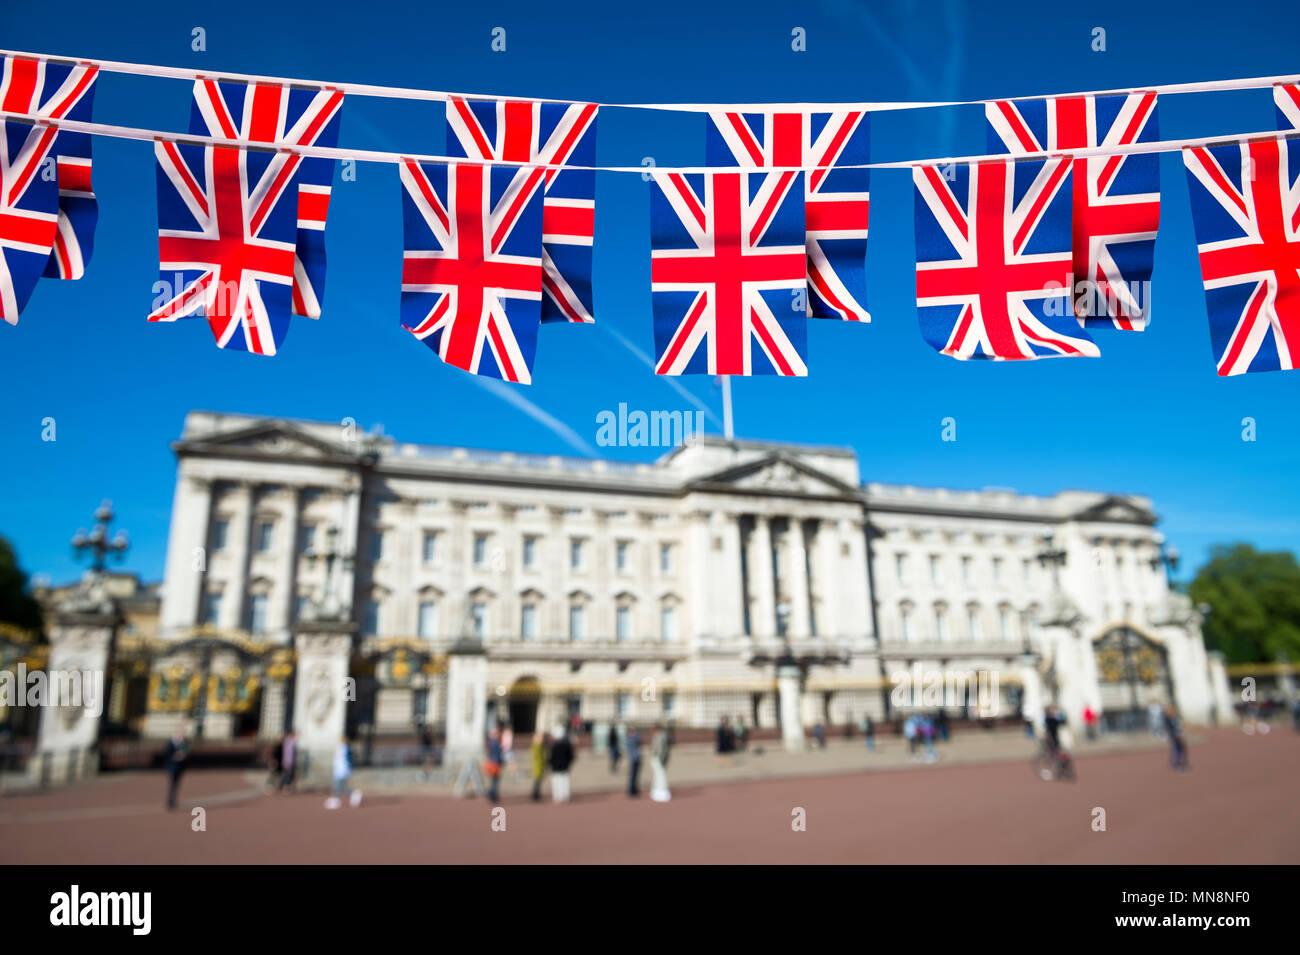 Union Jack flag Bunting schmückt die Mall vor dem Buckingham Palace vor der königlichen Hochzeit in London, England. Stockbild